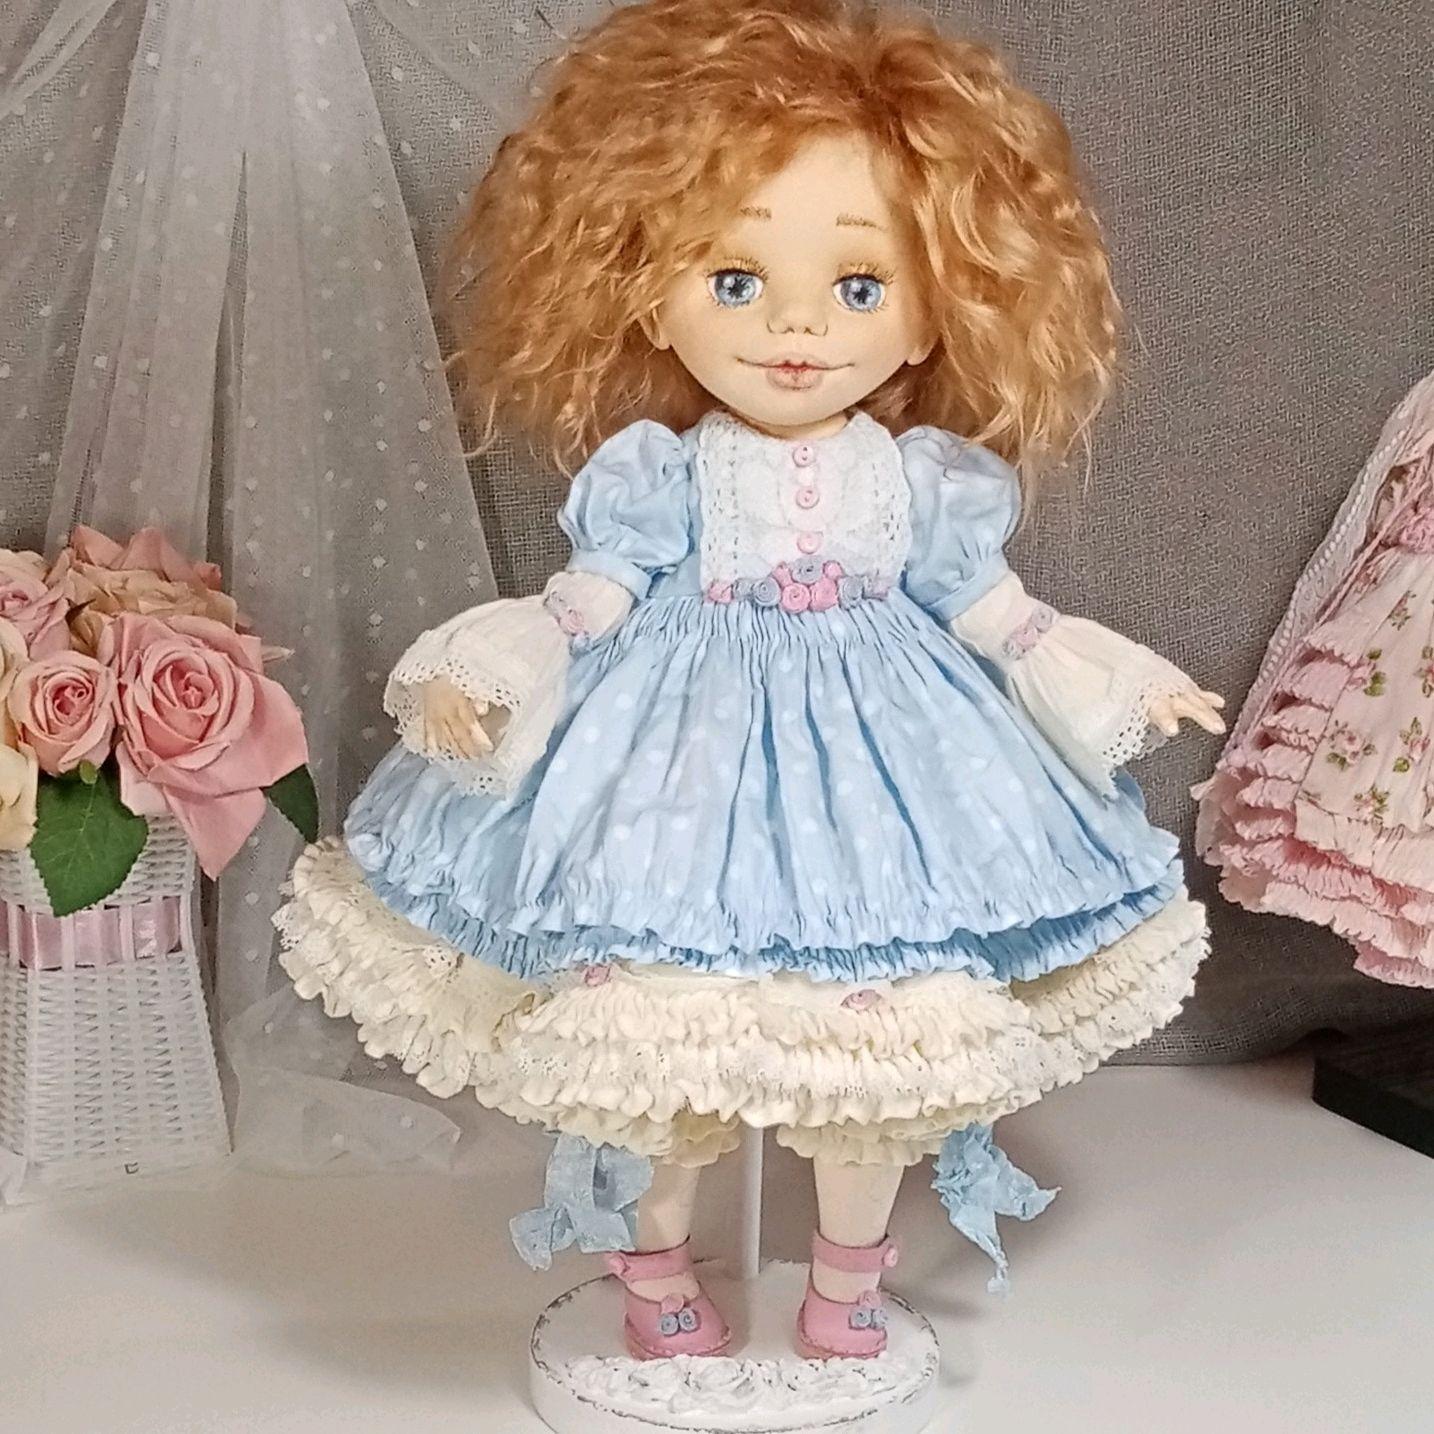 Коллекционная текстильная кукла Лия!, Куклы и пупсы, Волгоград,  Фото №1